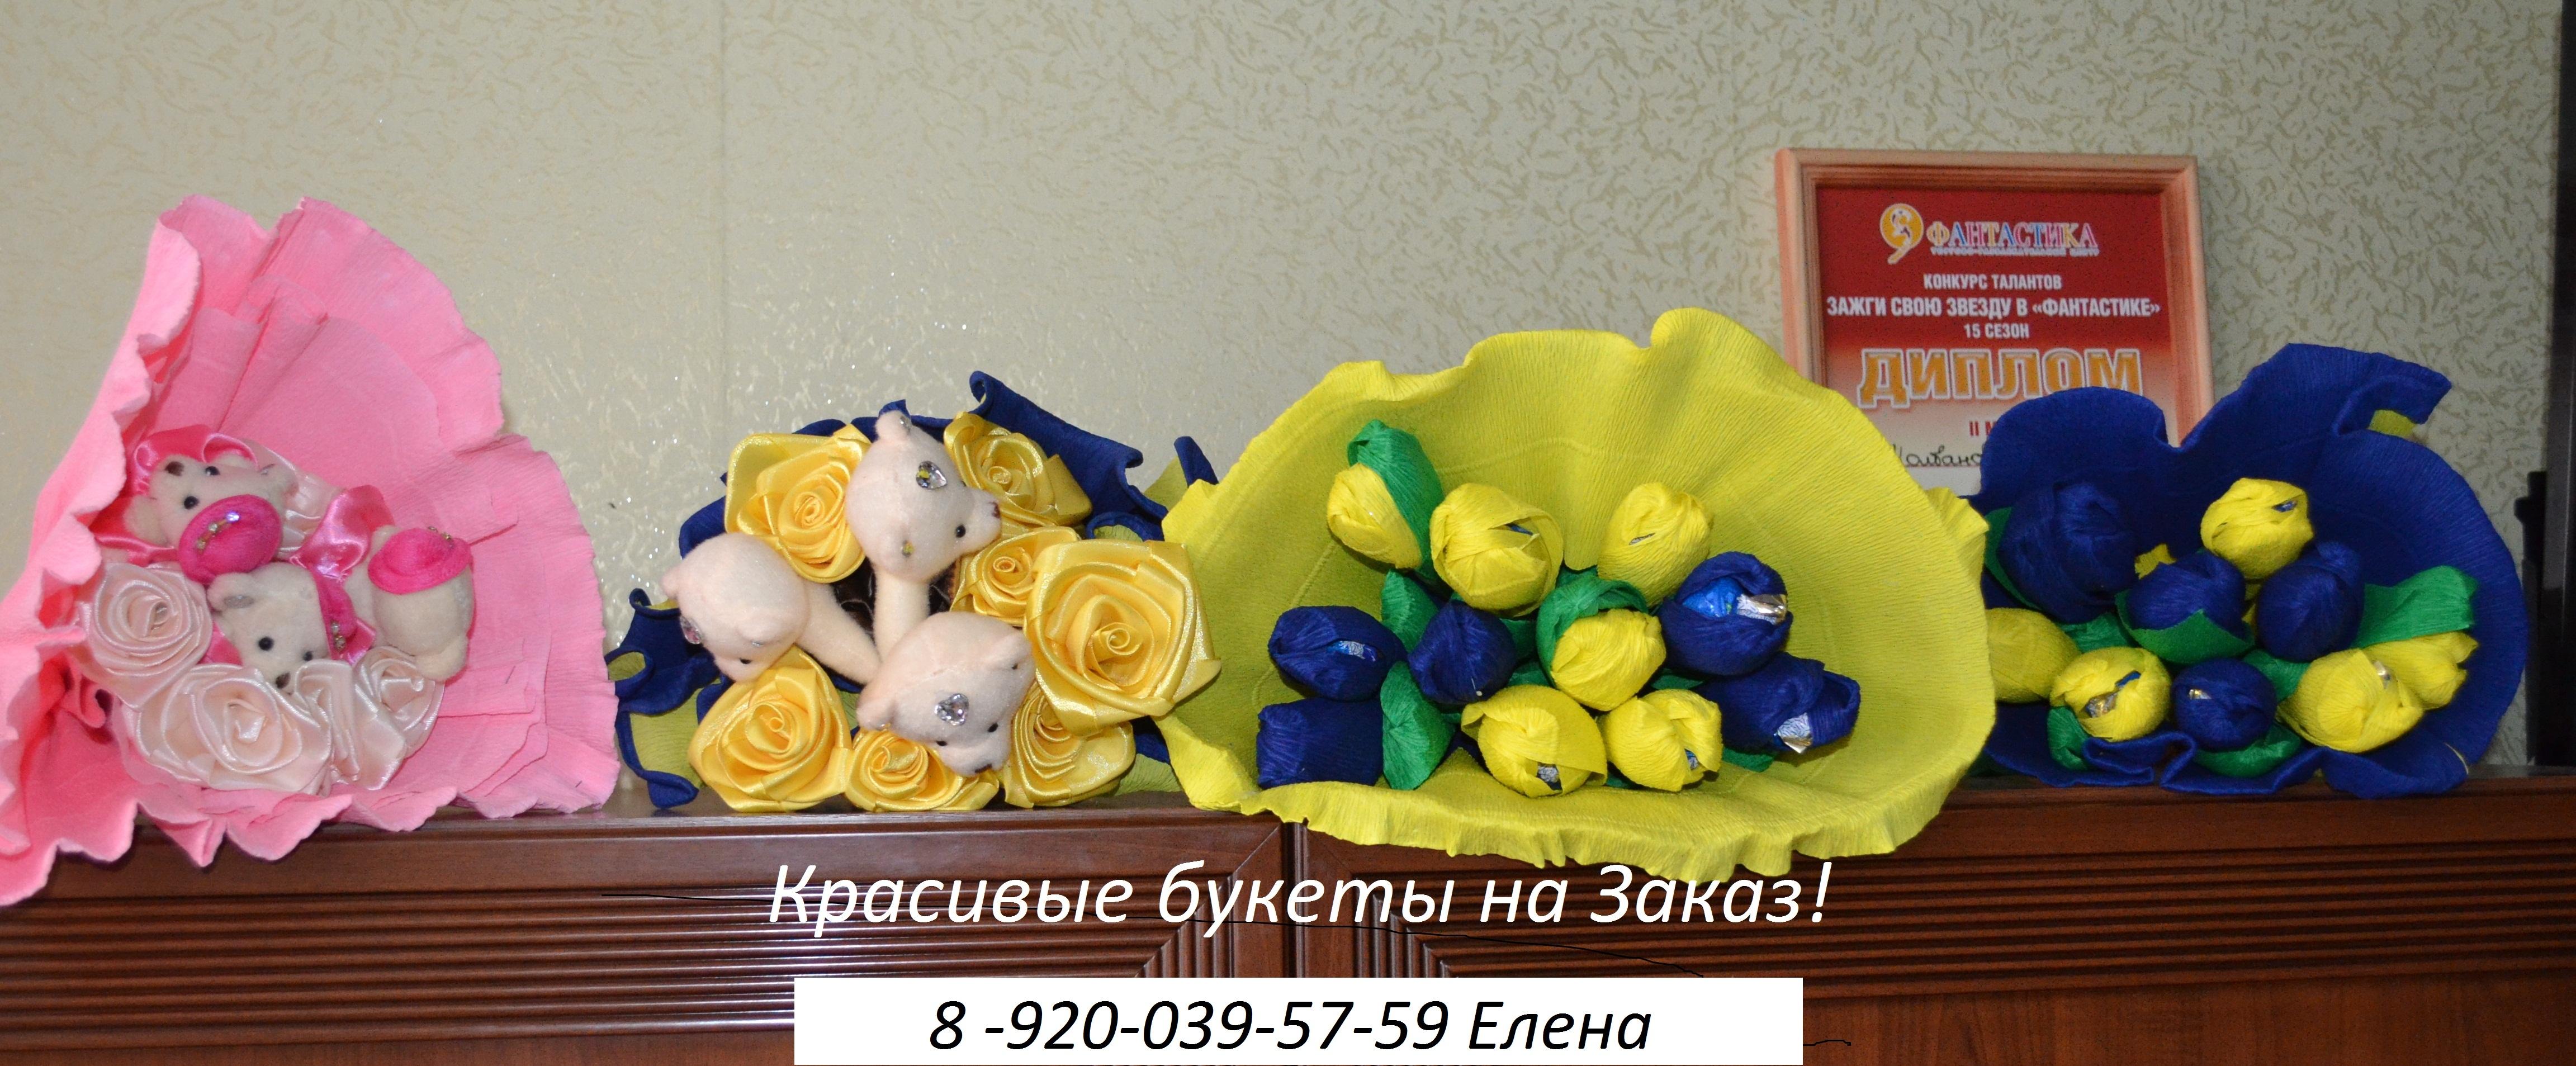 БУКЕТЫ ИЗ КОНФЕТ или ИГРУШЕК В НИЖНЕМ НОВГОРОДЕ! Лучший подарок : оригинальные цветы+конфеты+ мишки! В. Печеры